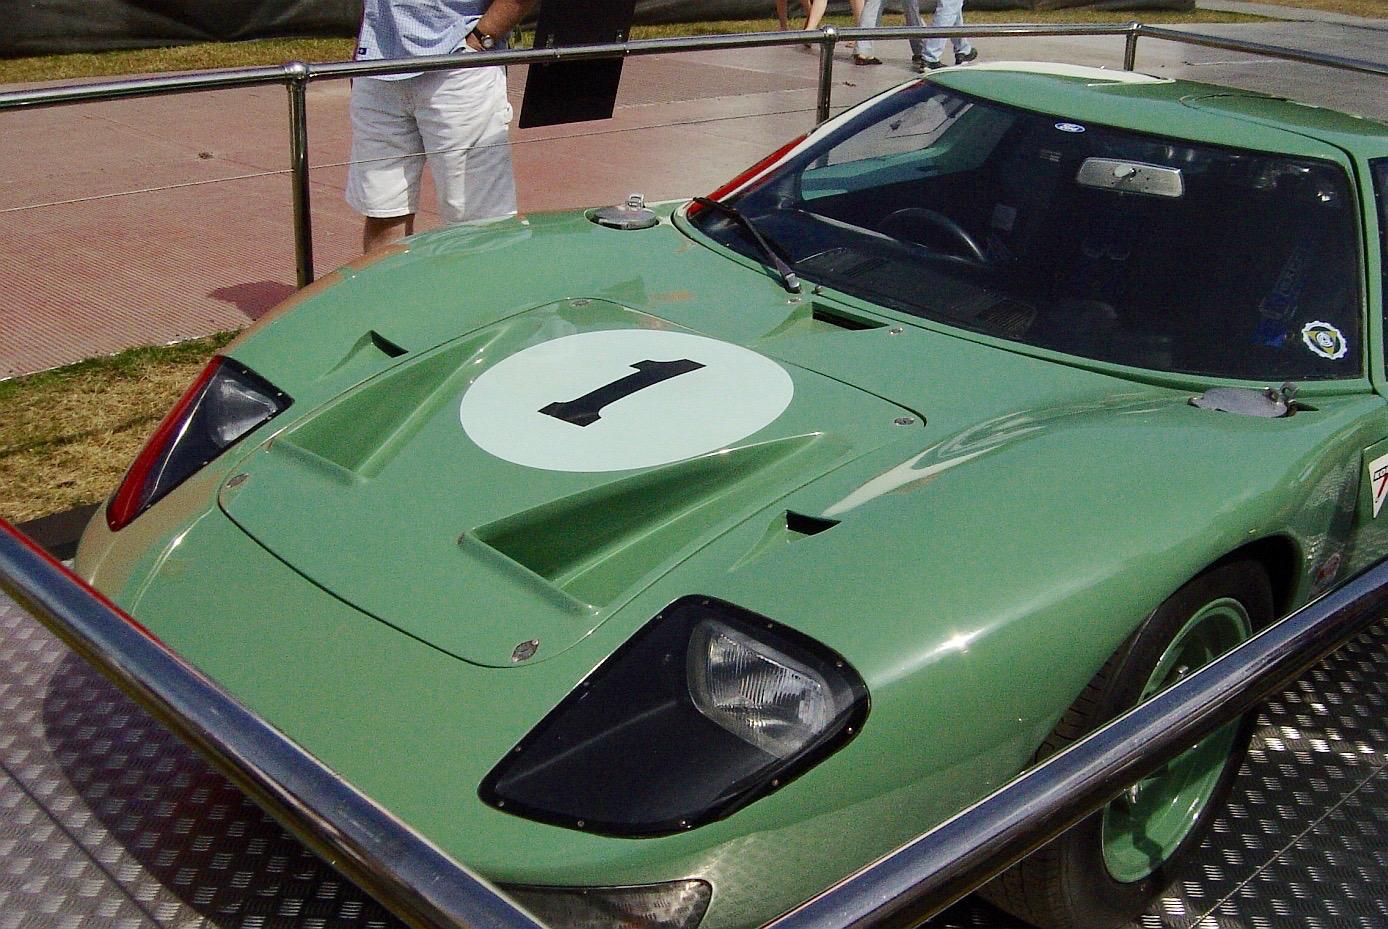 GT40 Goodwood Green Car 3.jpeg